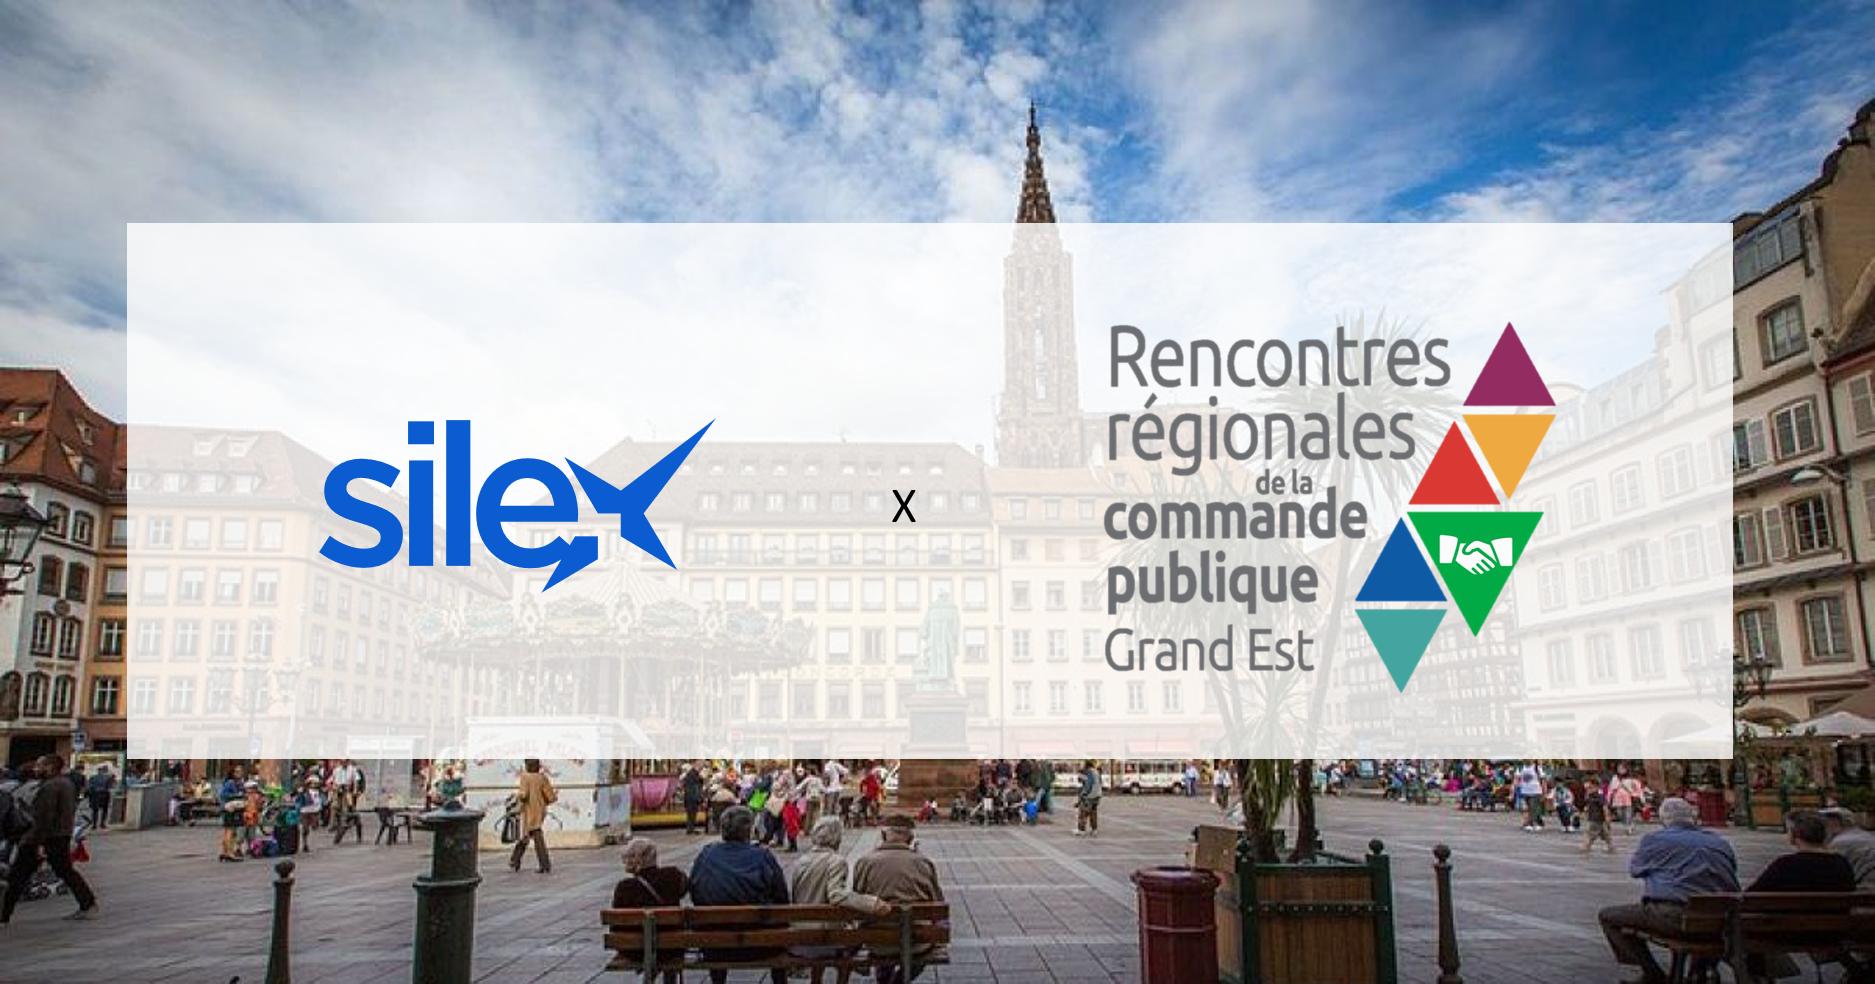 Silex aux Rencontres Régionales de la commande publique Grand Est